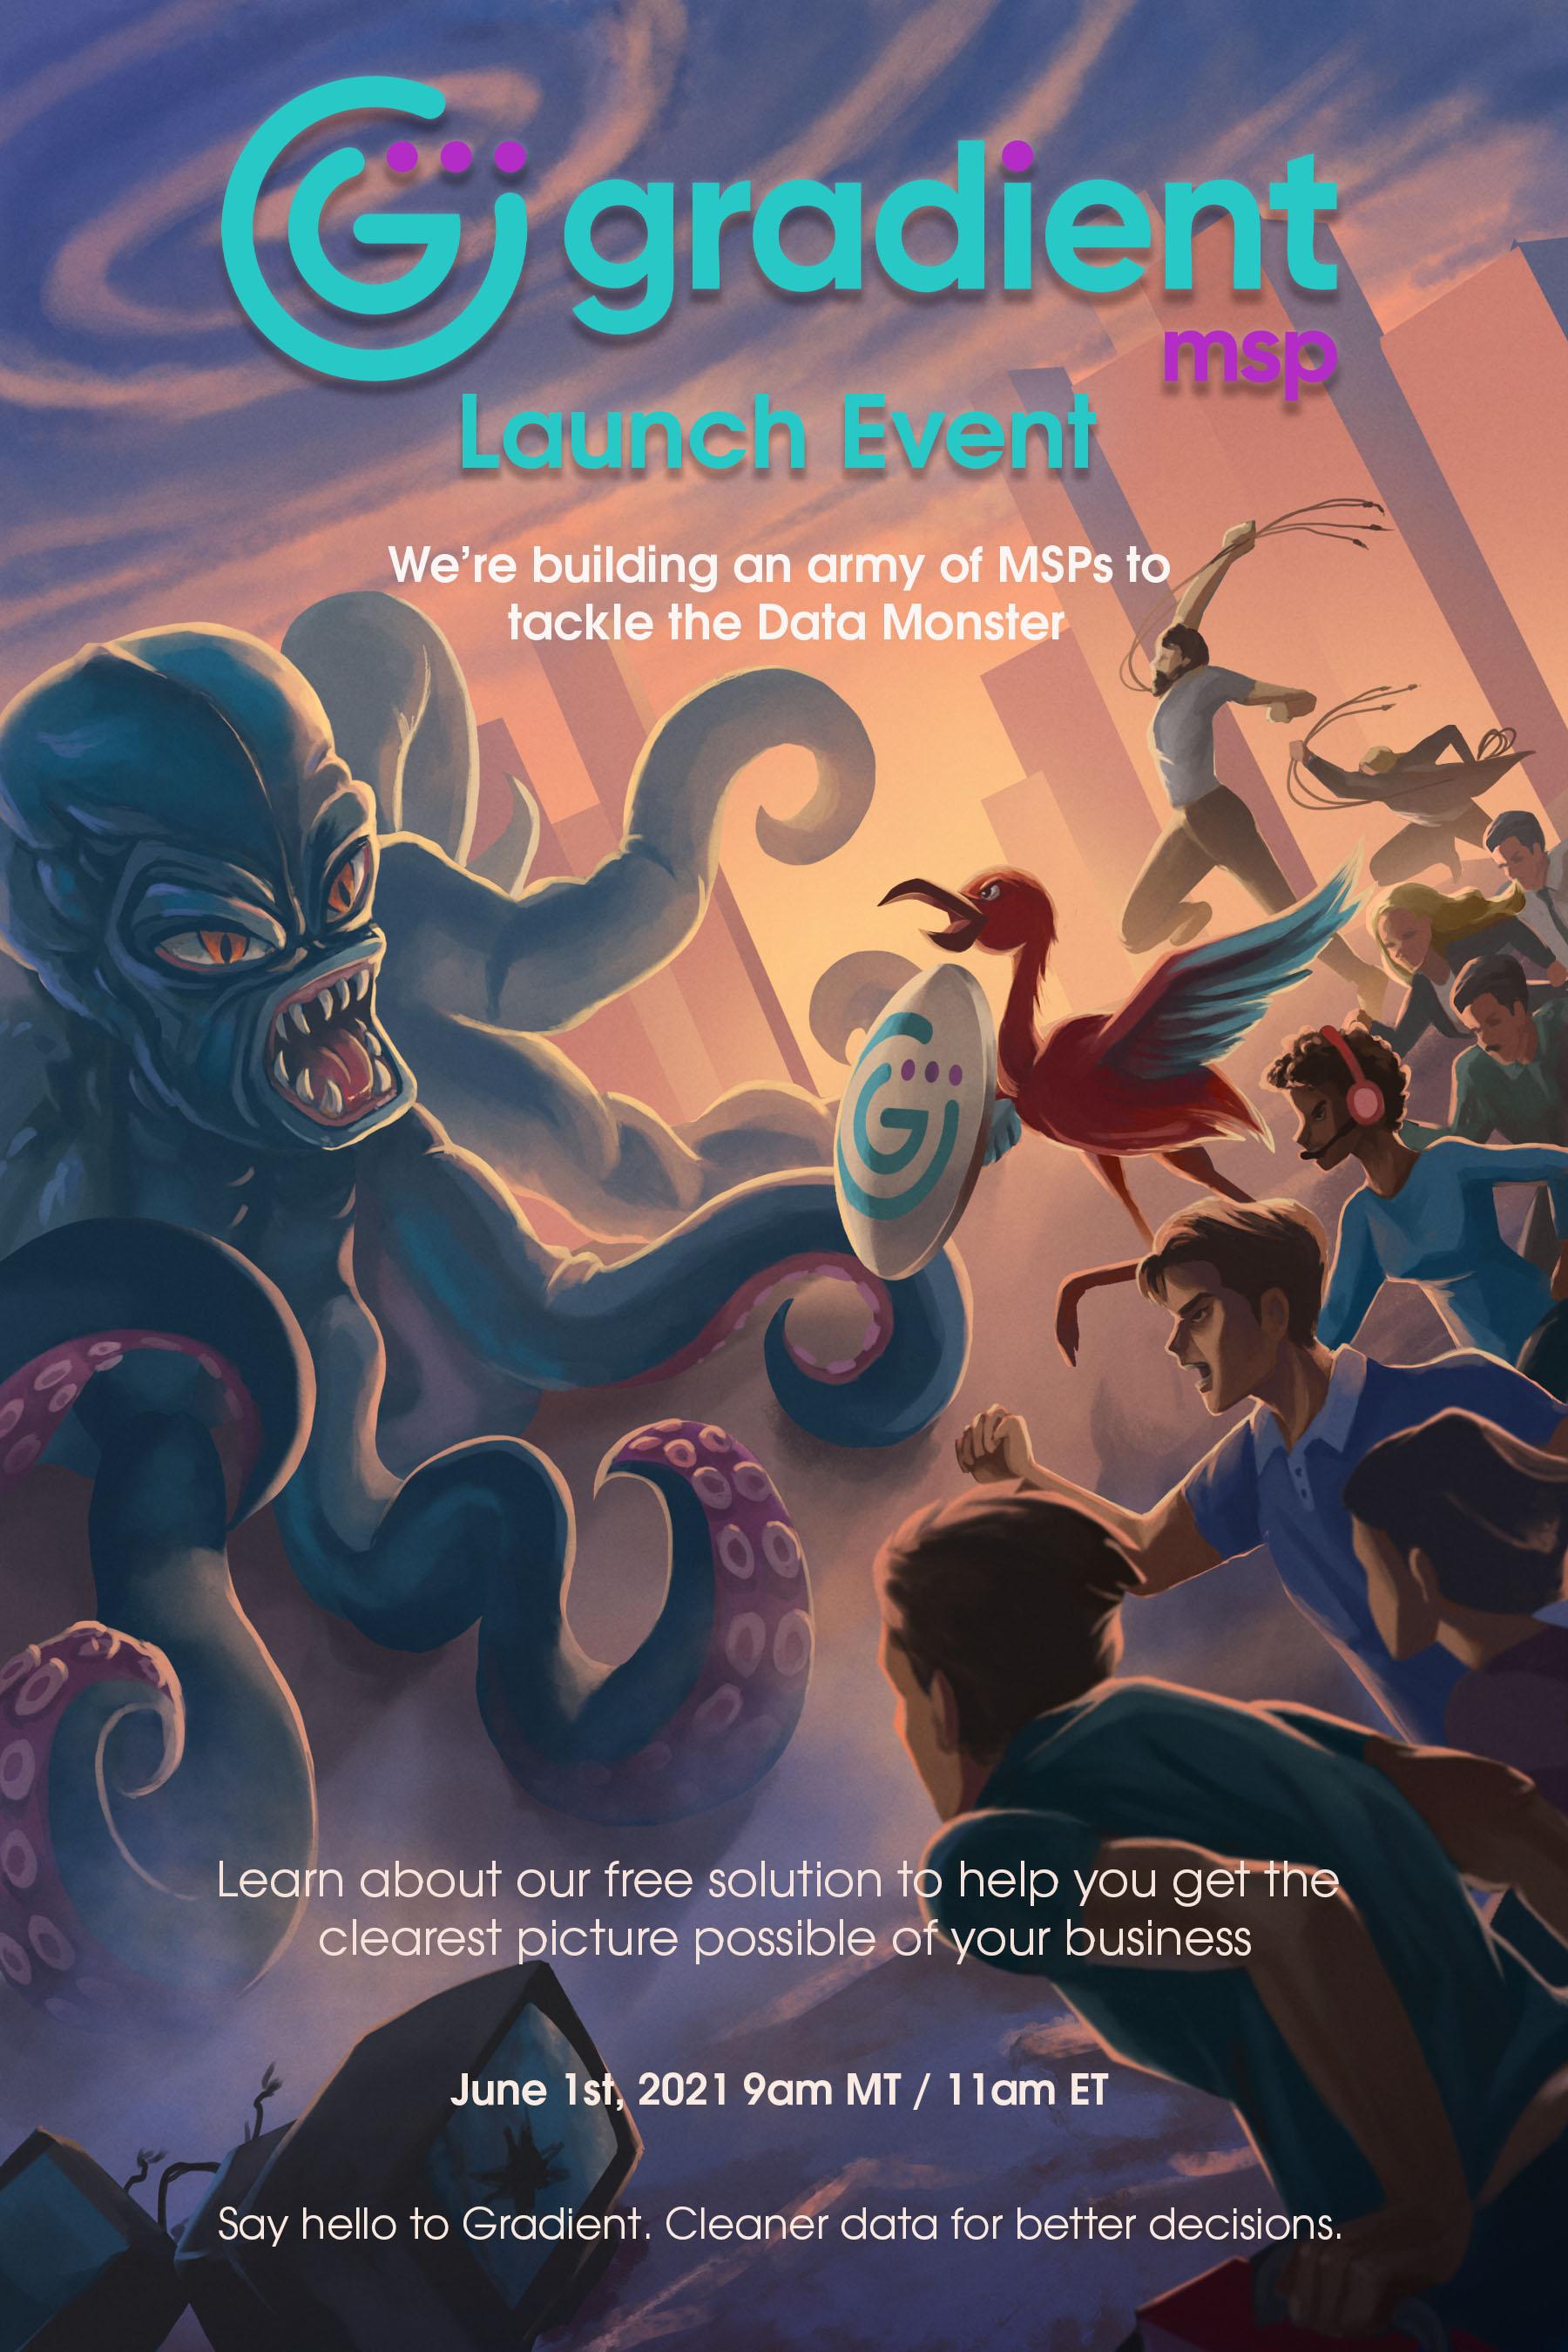 Gradient MSP June 1st launch poster